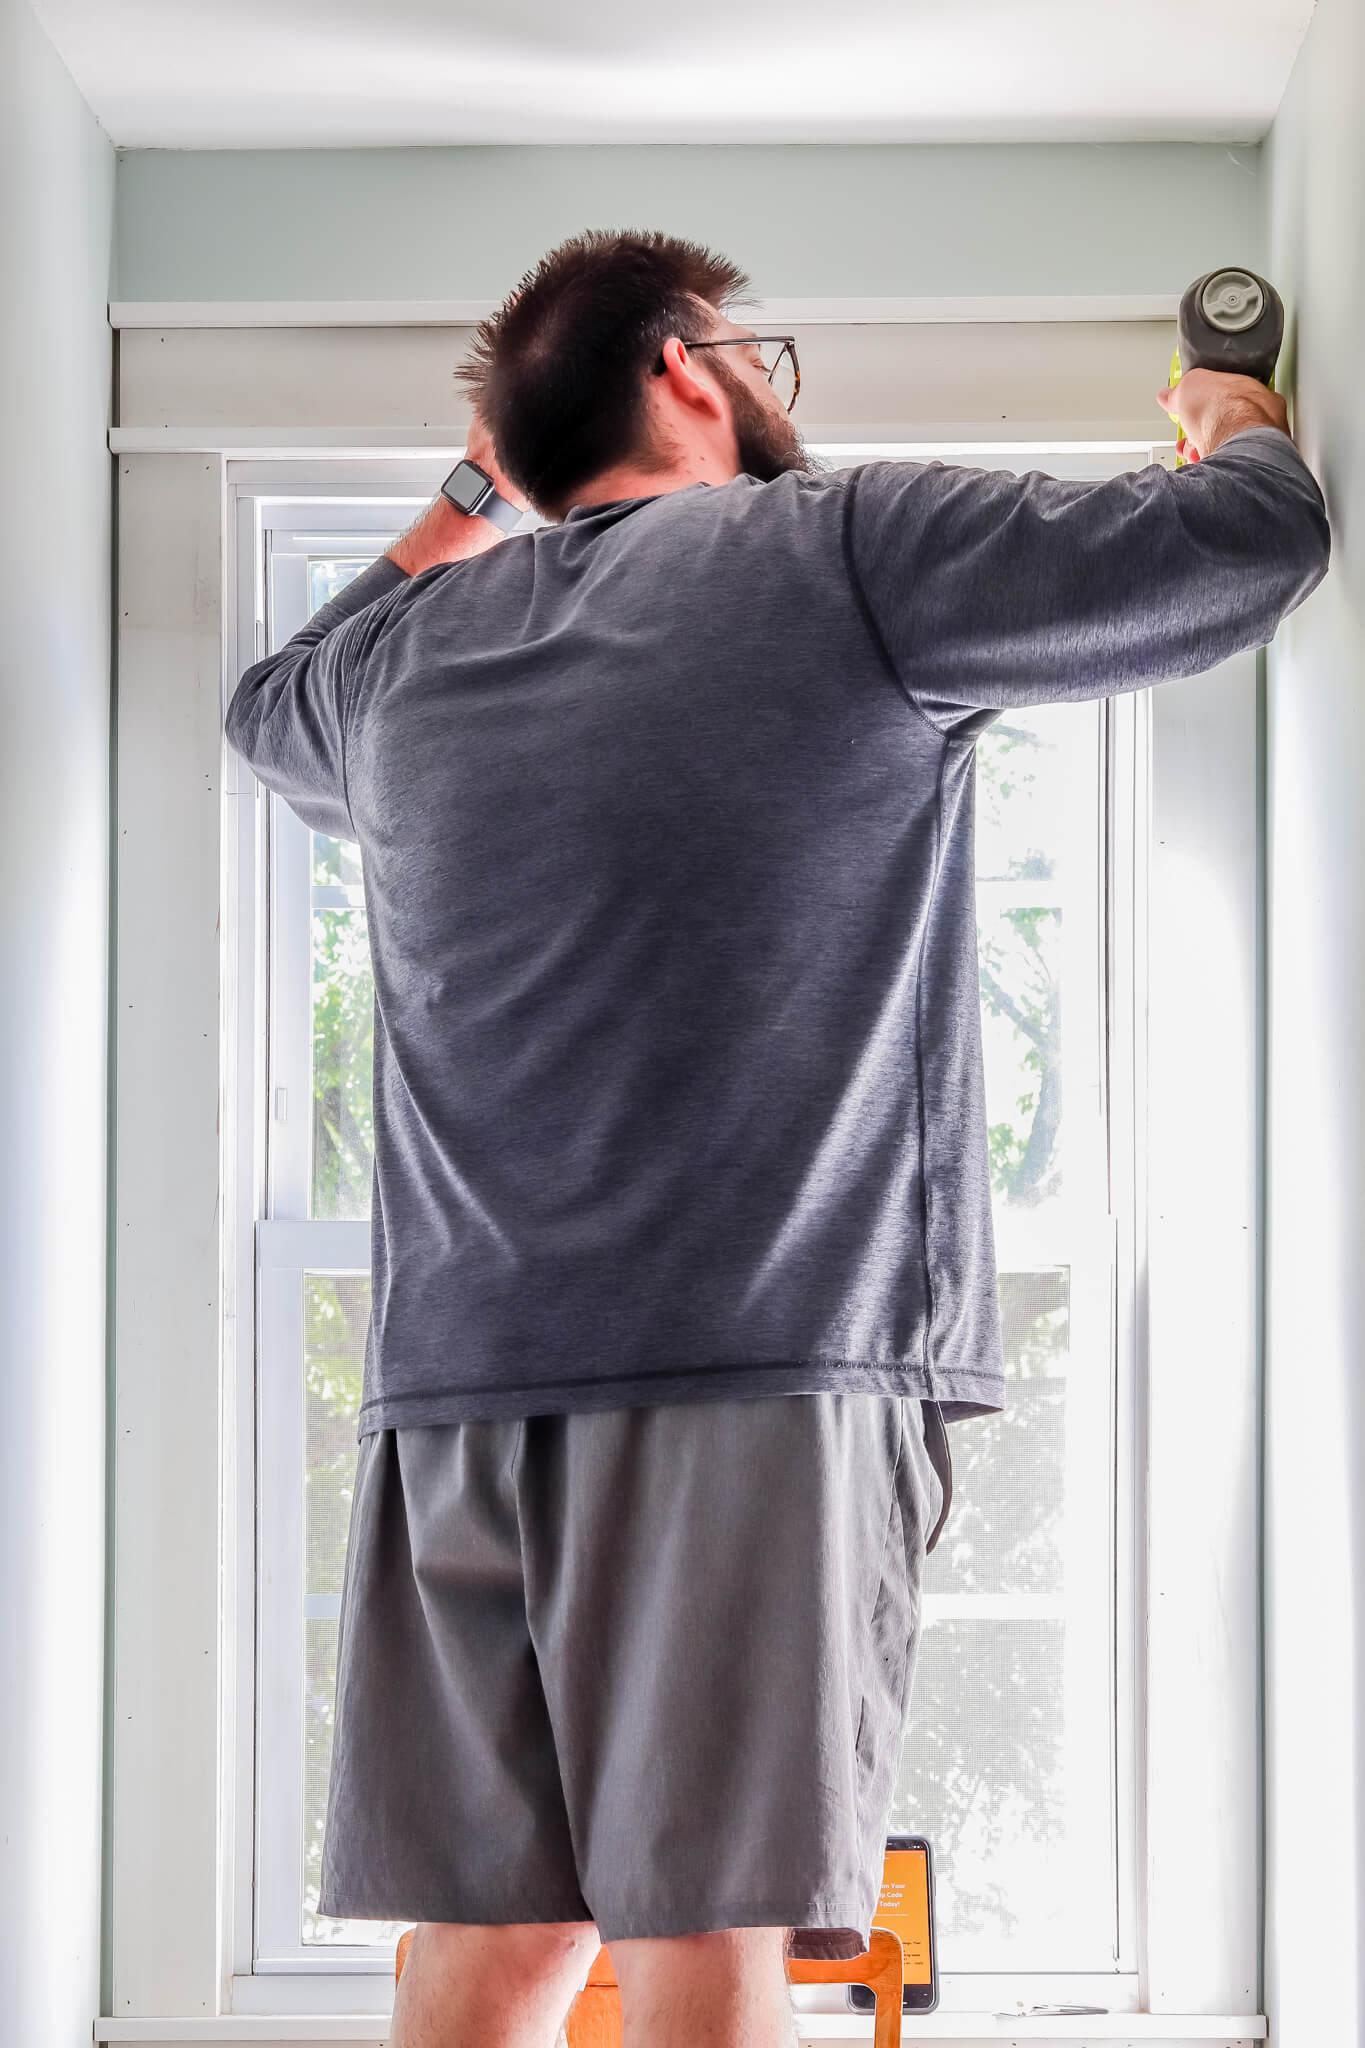 man using nail gun adding header to craftsman style window trim